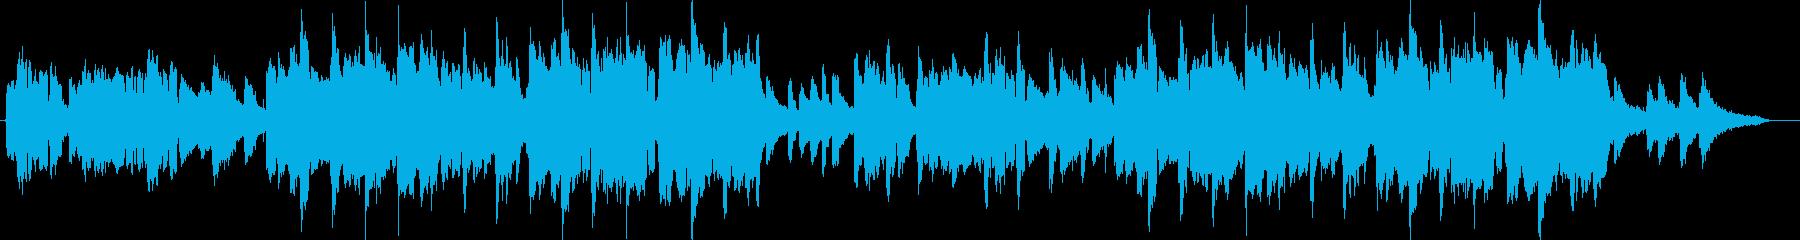 不可思議な笛の再生済みの波形